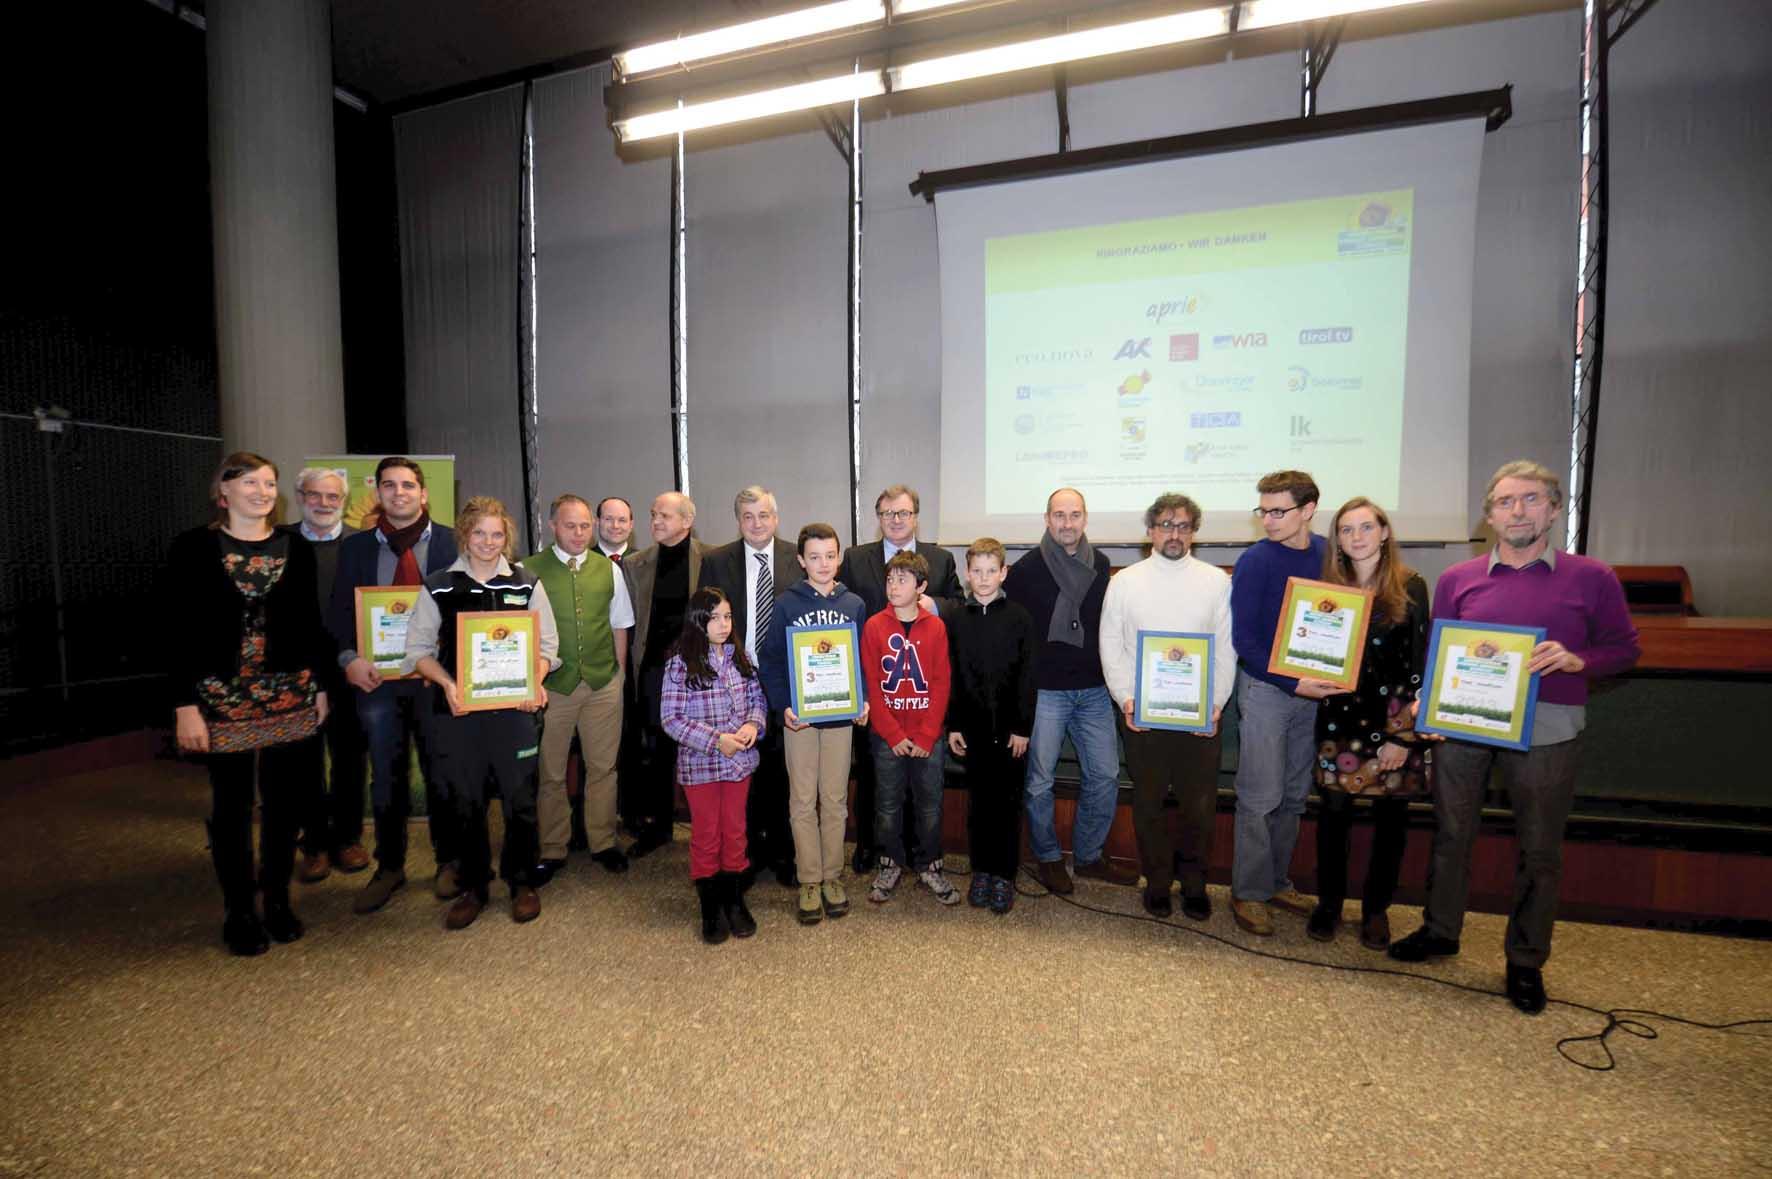 premio-ambiente-euregio-2013-ilnordest